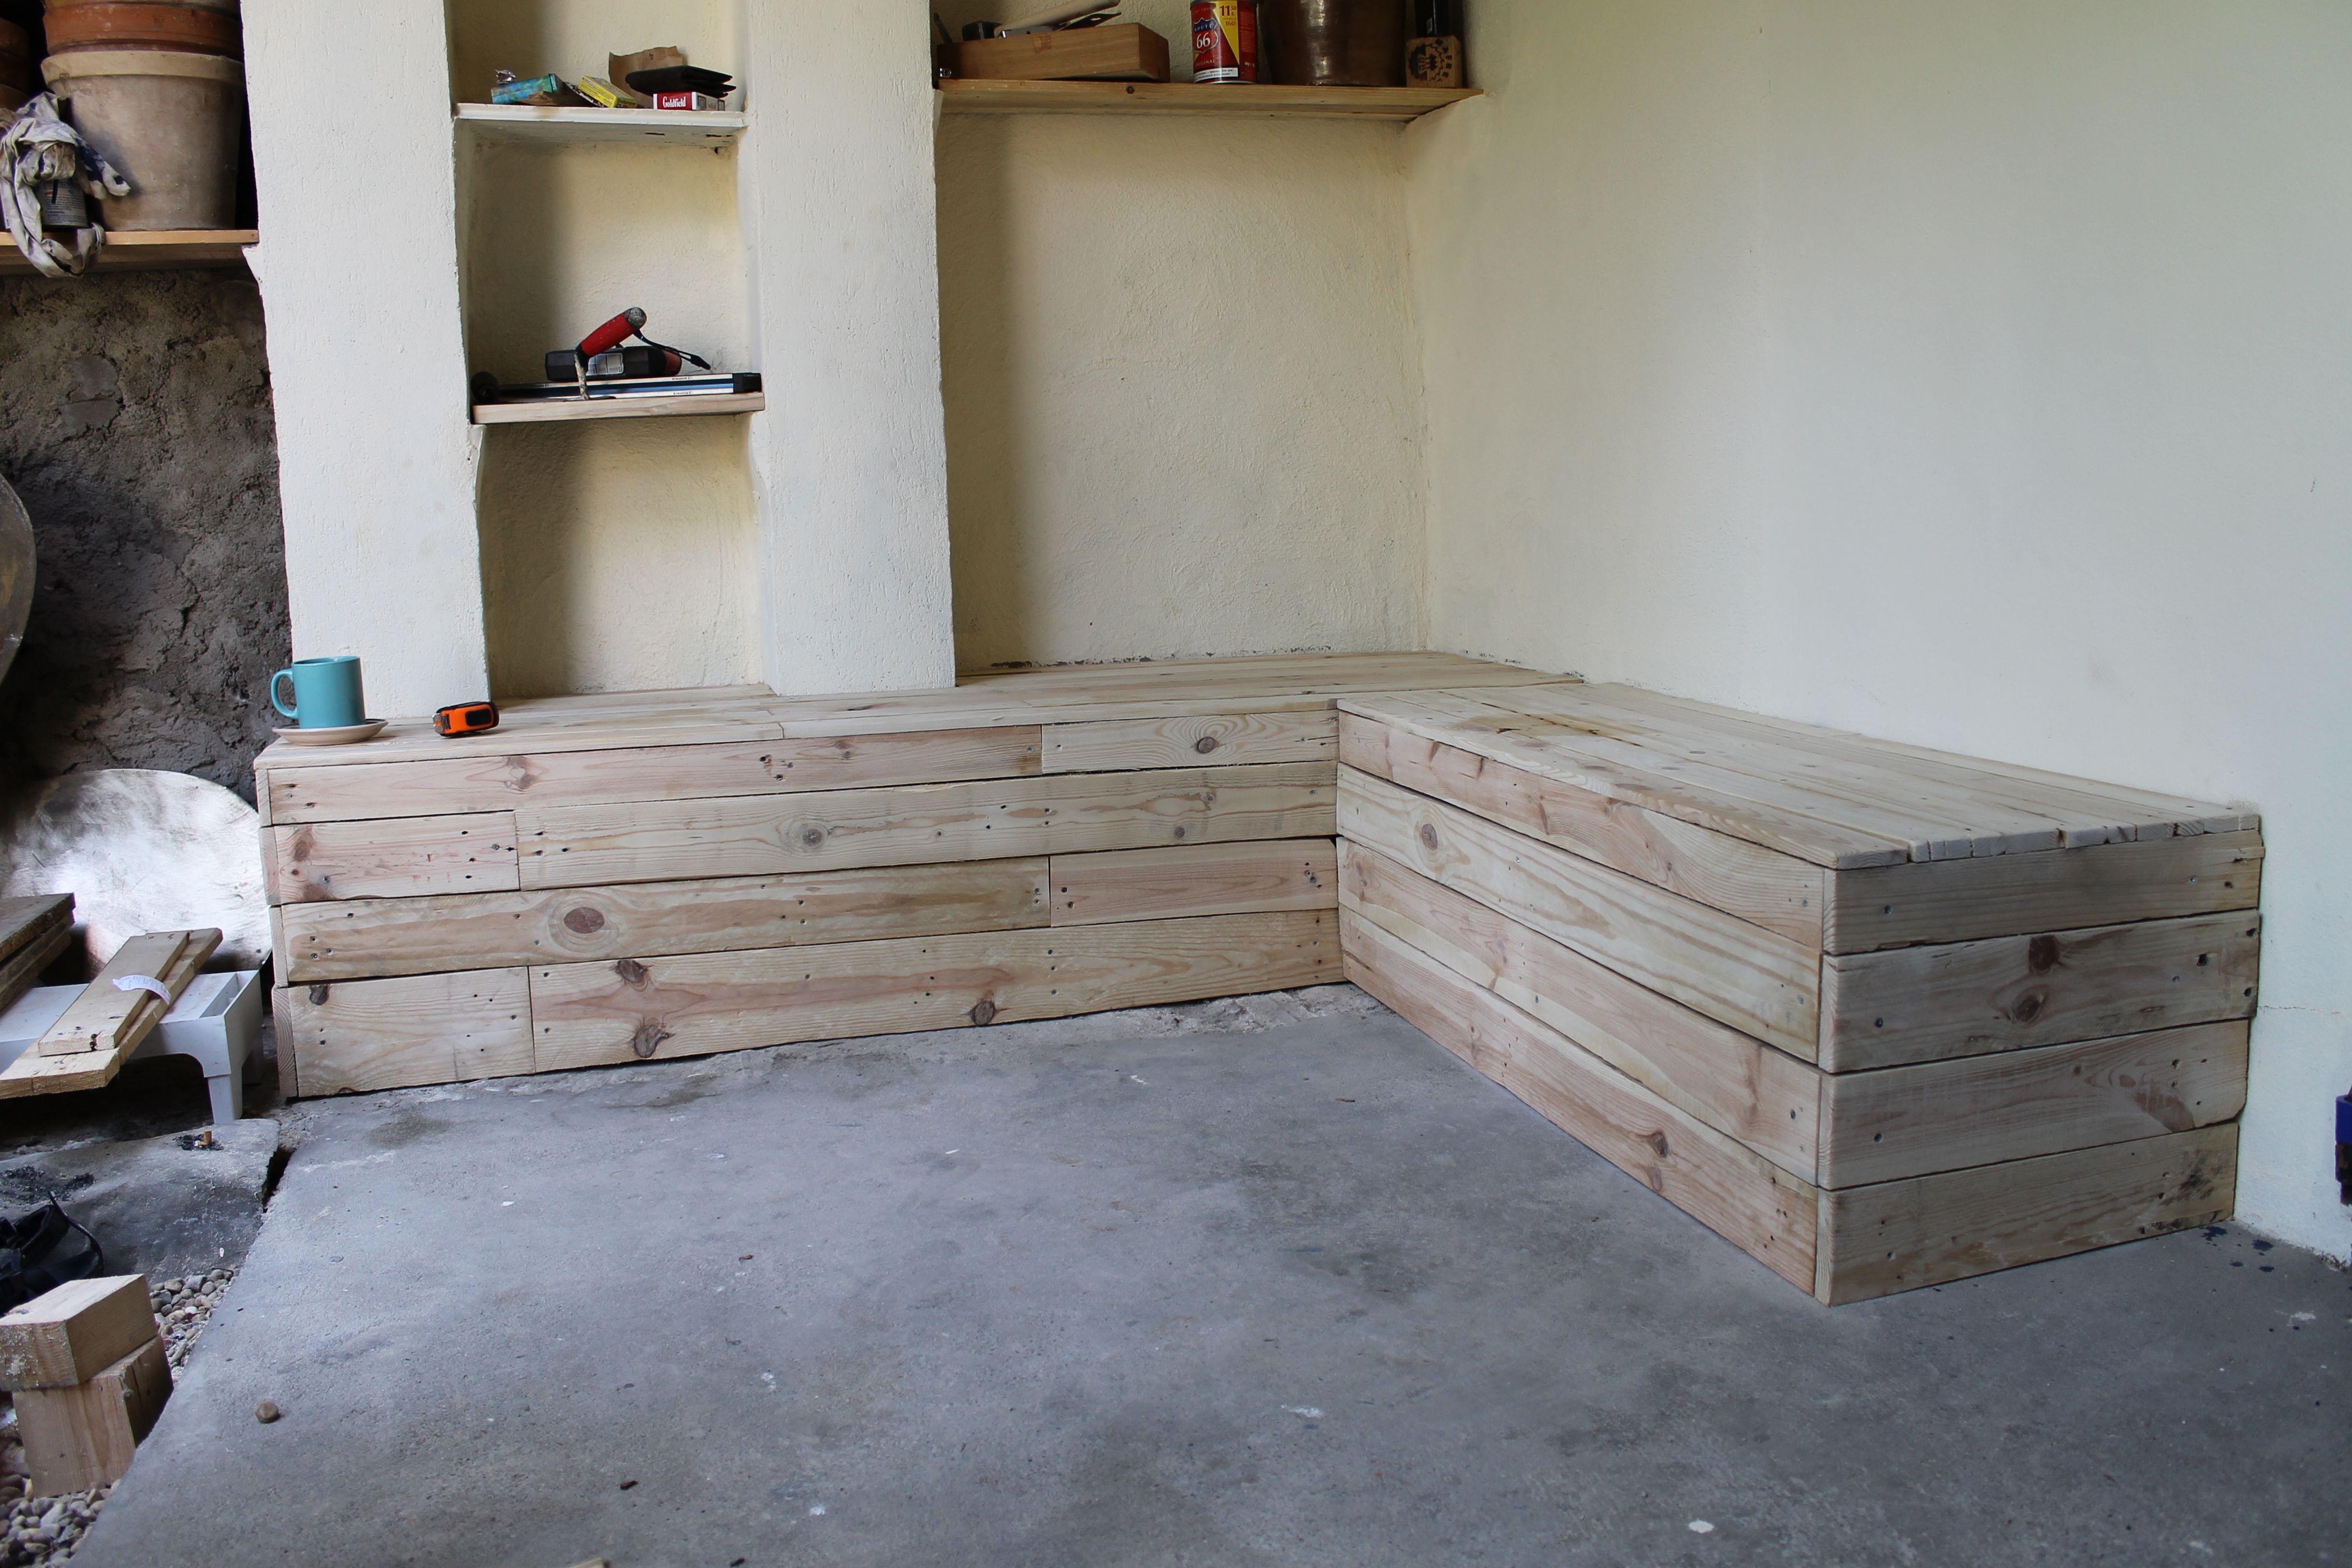 Salon de jardin entièrement récup, bois de palettes,... | Bosch Les ...